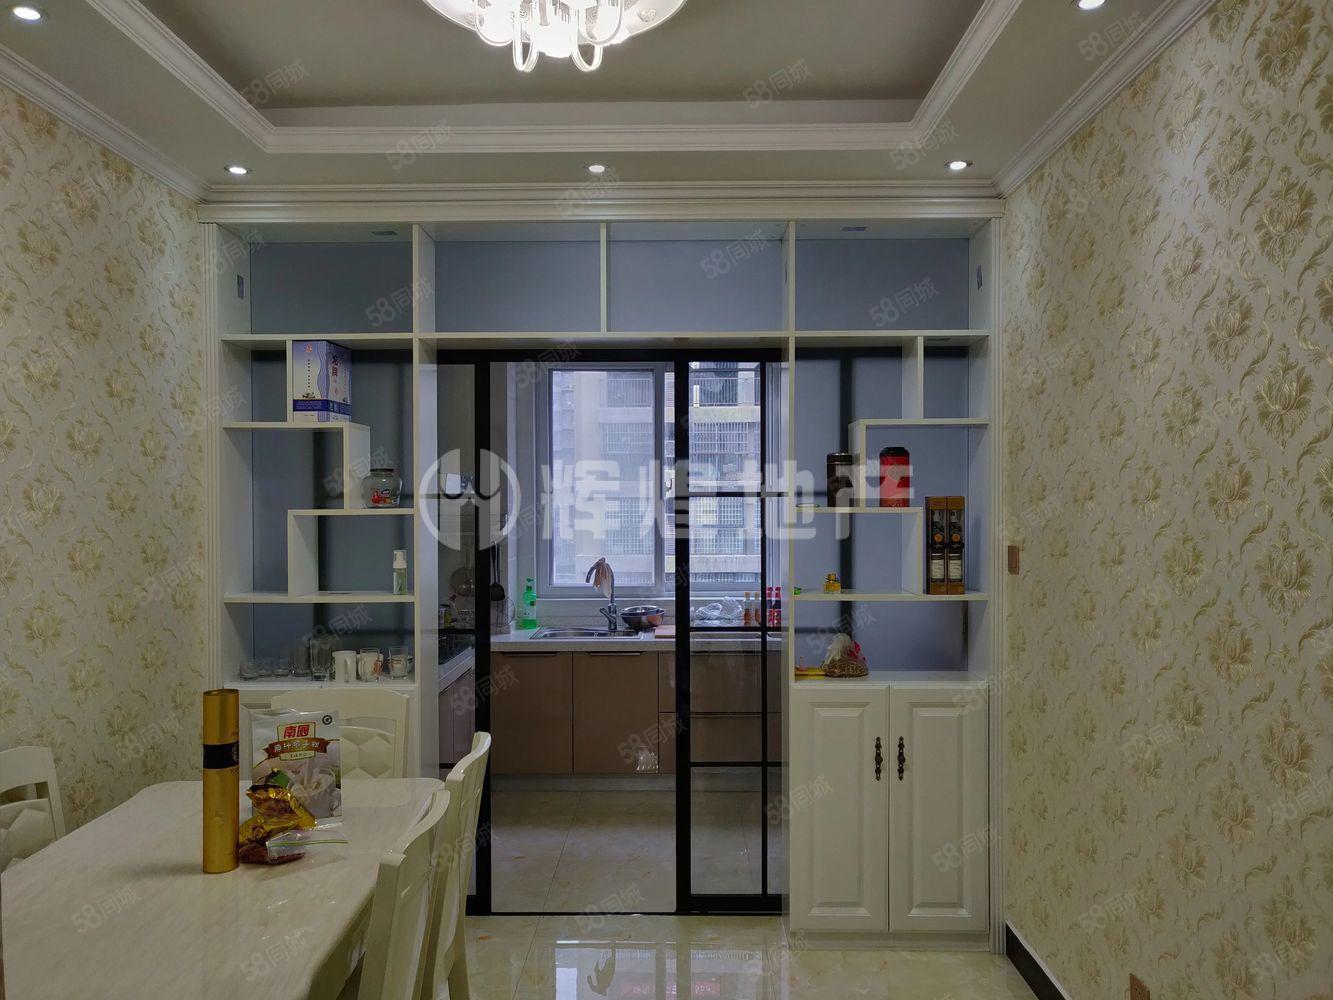 巴黎左岸精装修3室131.5平米有证税满家私赠送